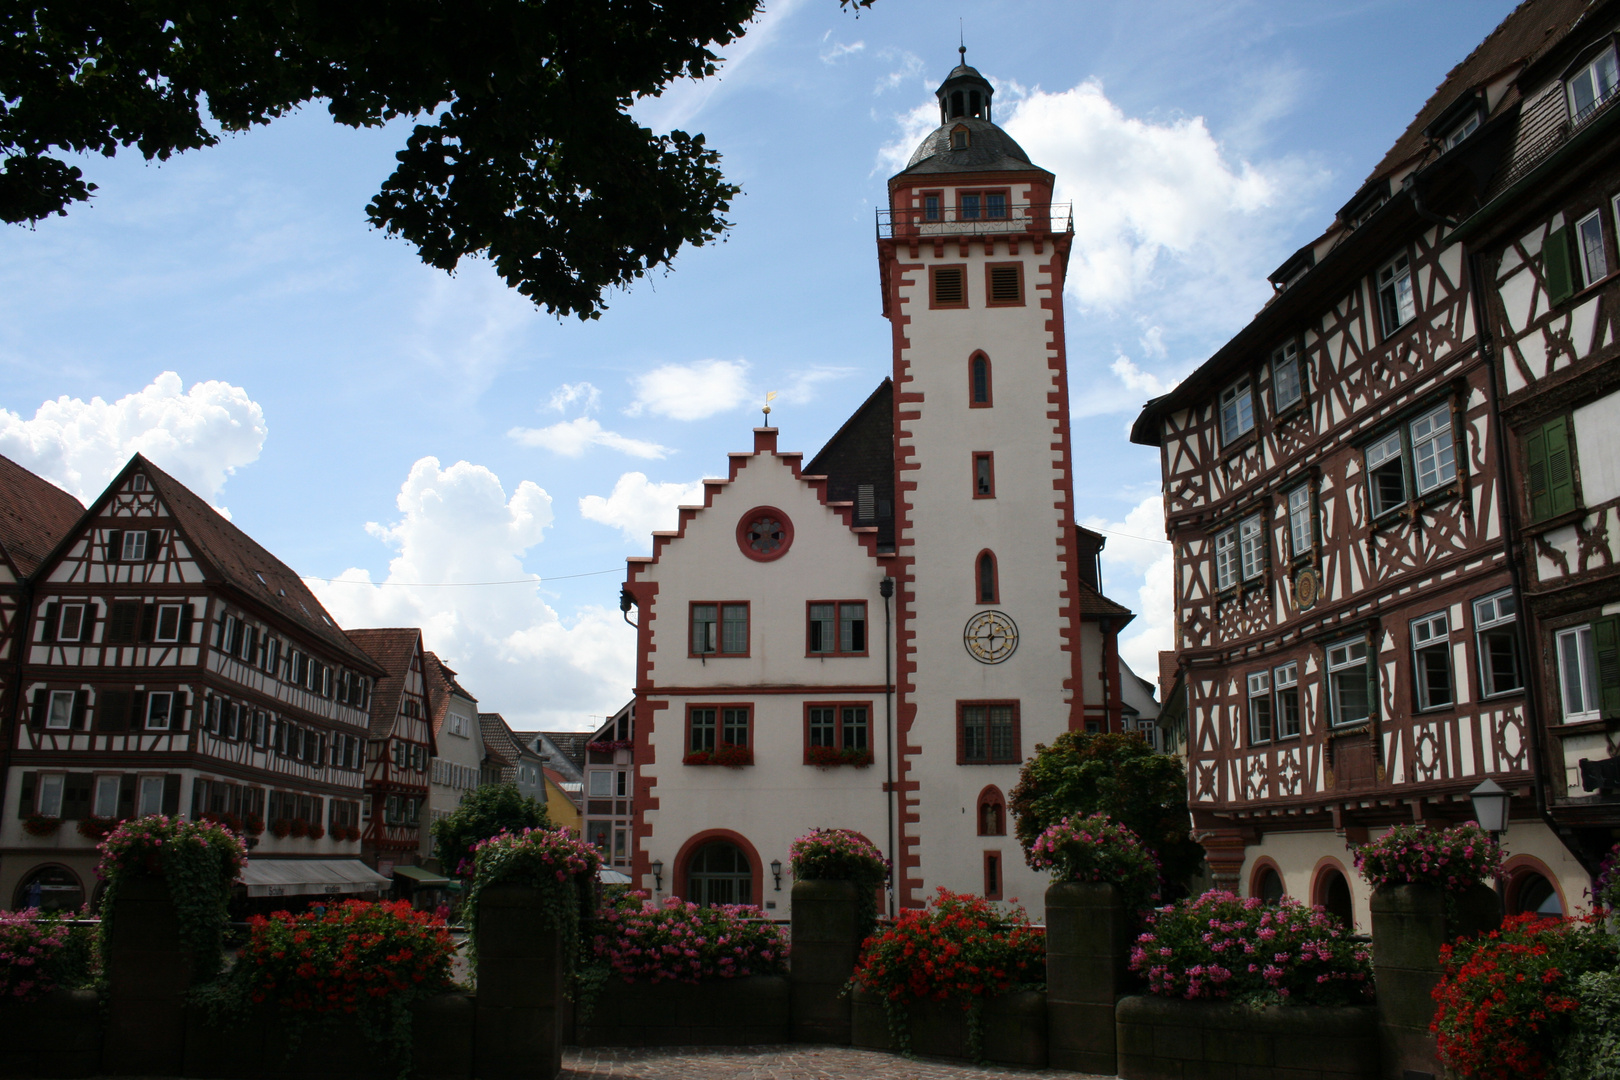 Mosbacher Rathaus